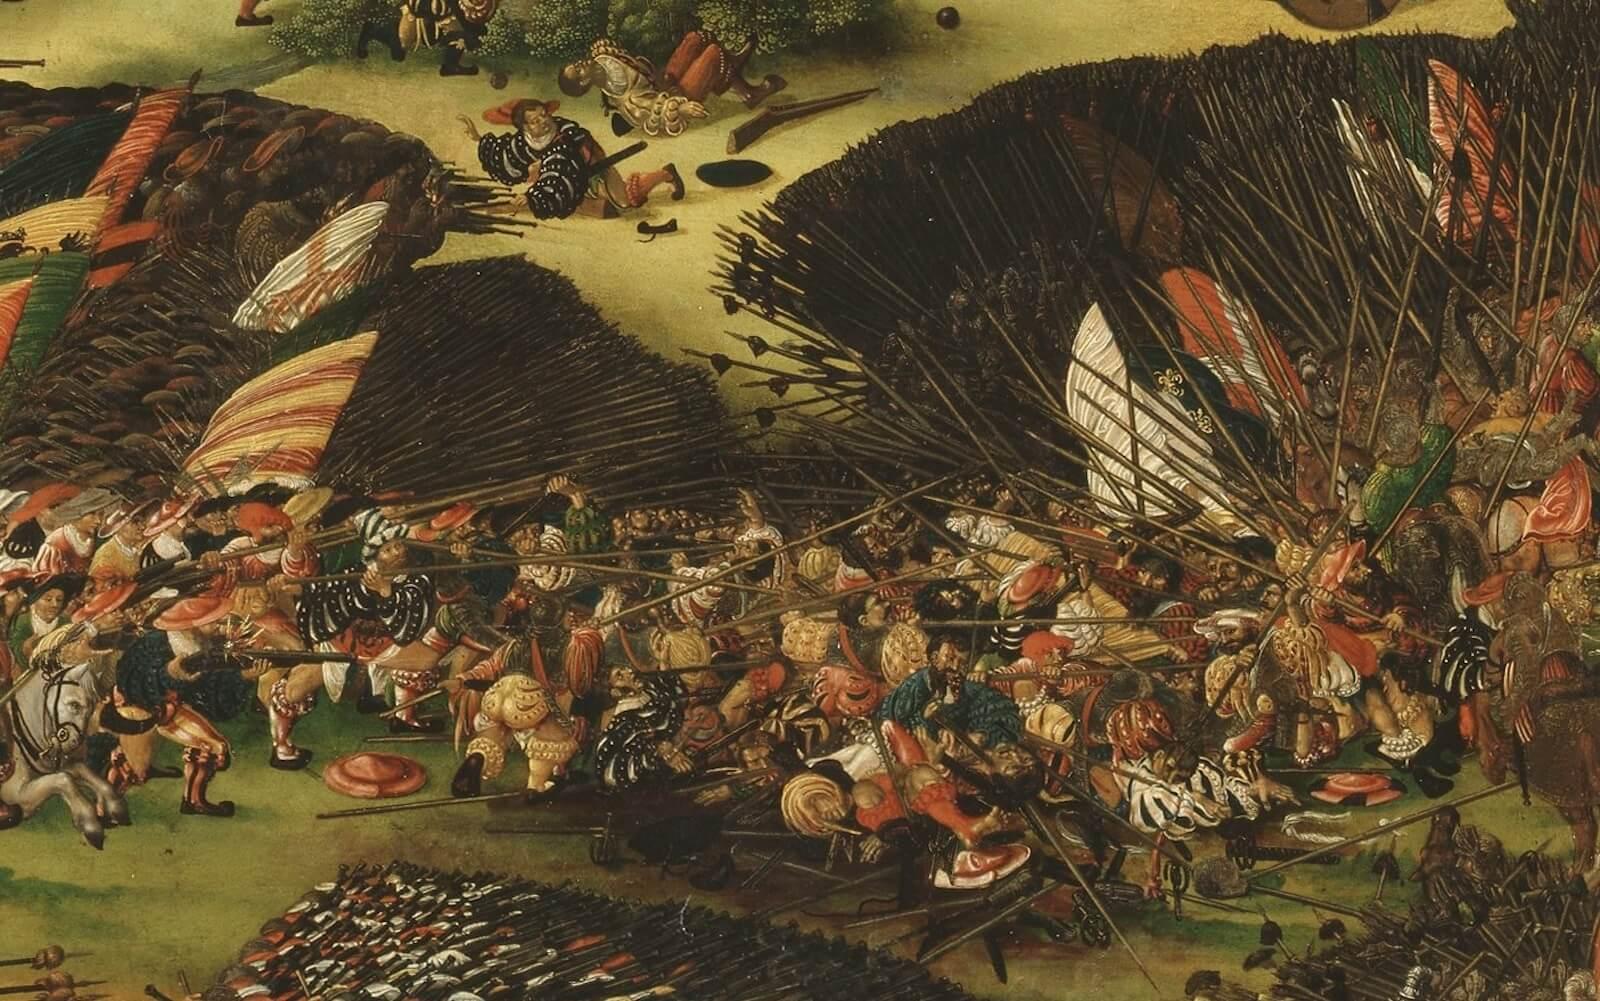 El choque de picas y la mala guerra en la batalla de Pavía